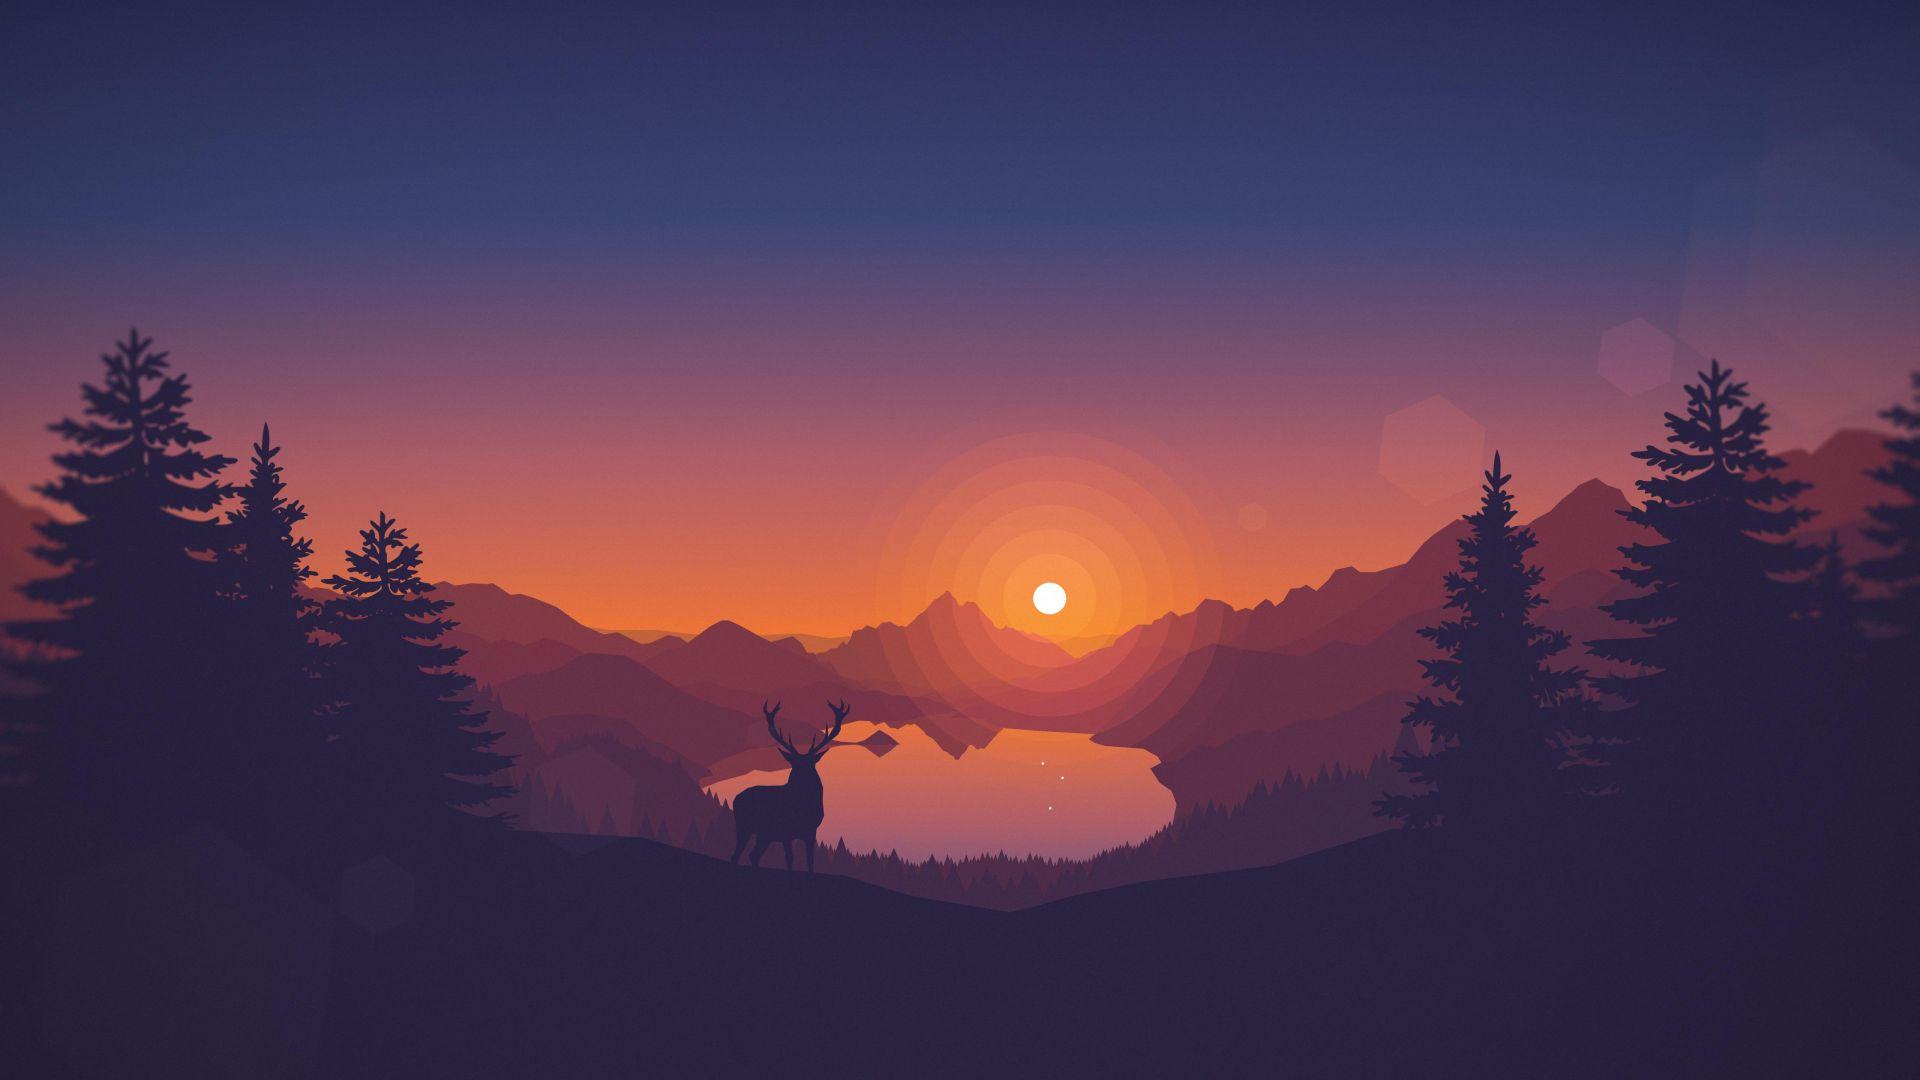 Wallpaper Firewatch 4k 8k Art Forest Games 13610